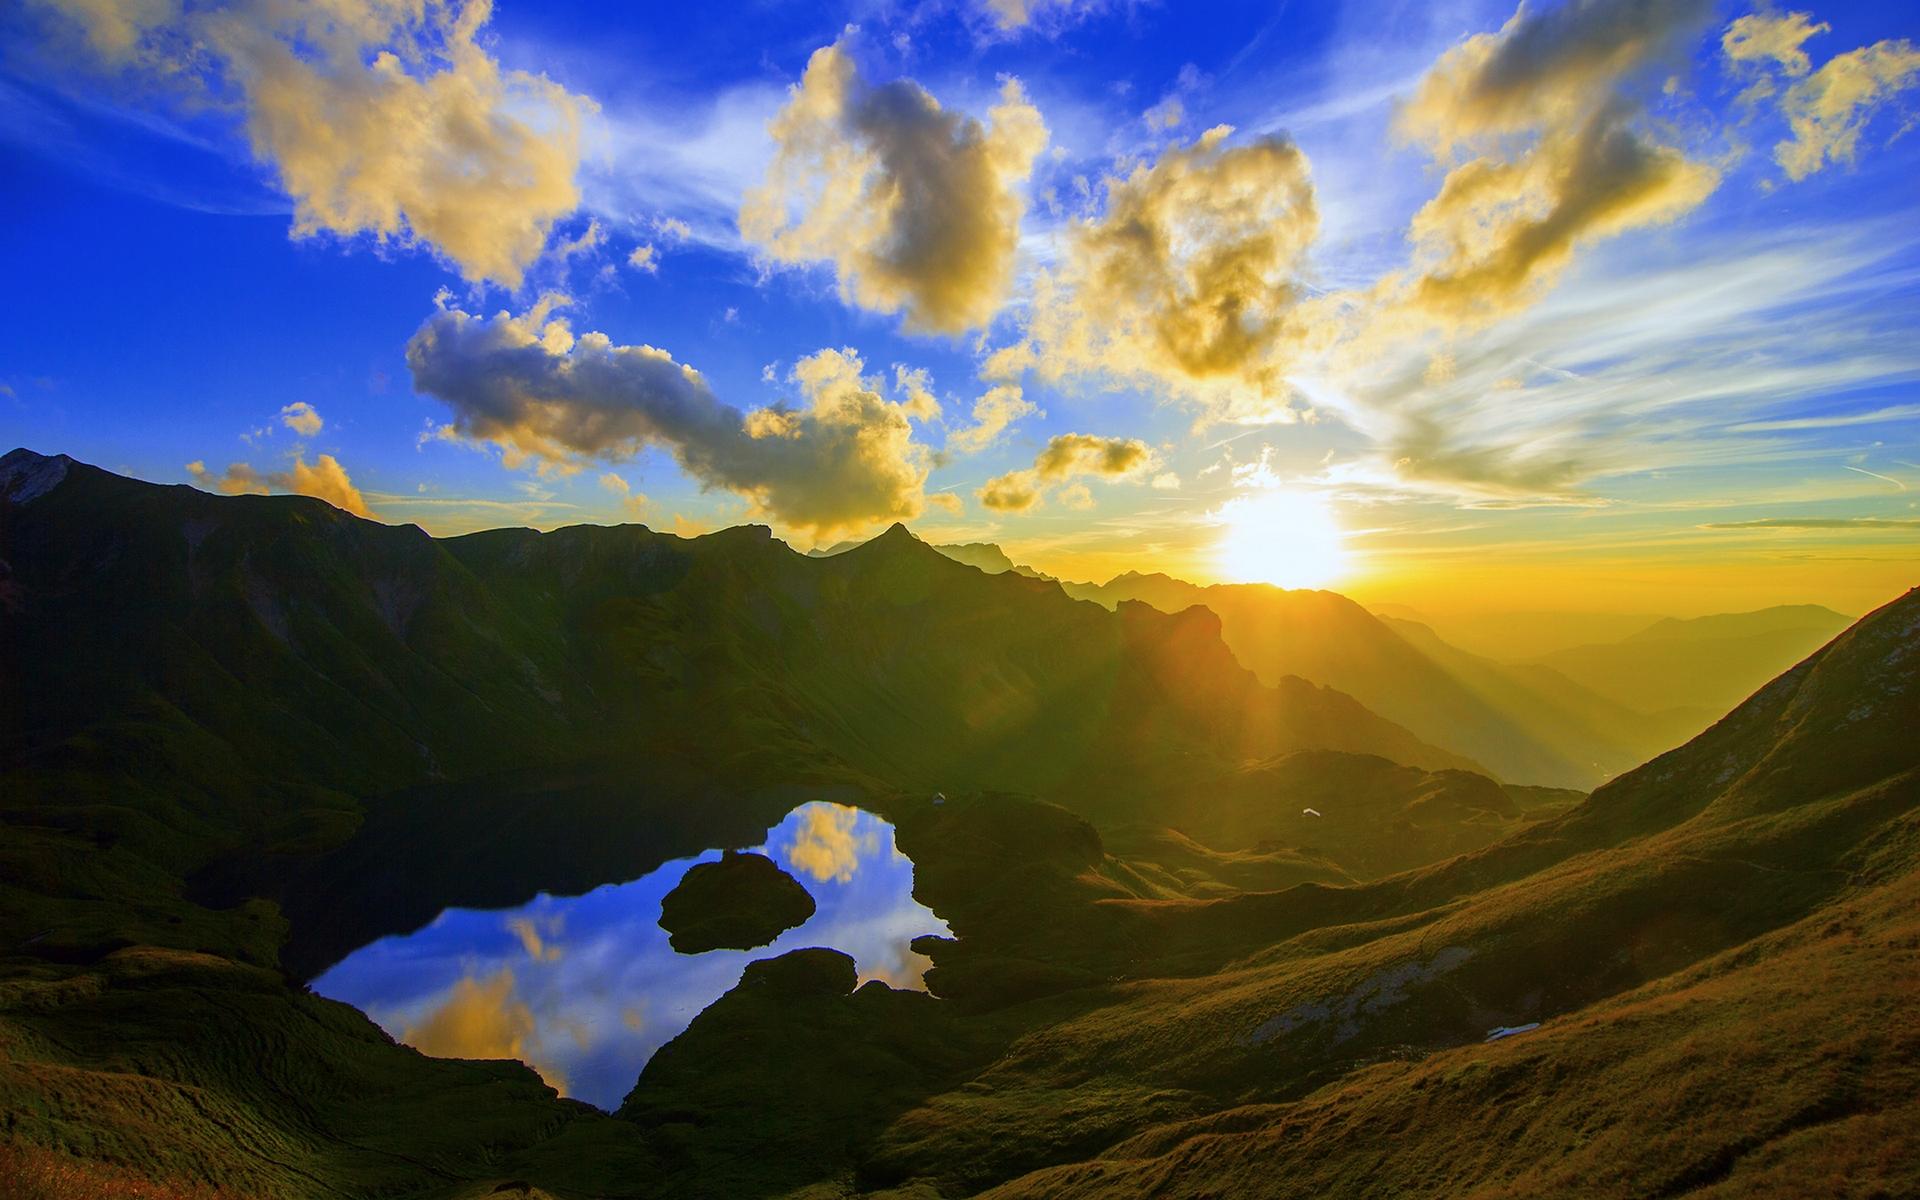 ... Morning Wallpaper; Stunning Morning Wallpaper